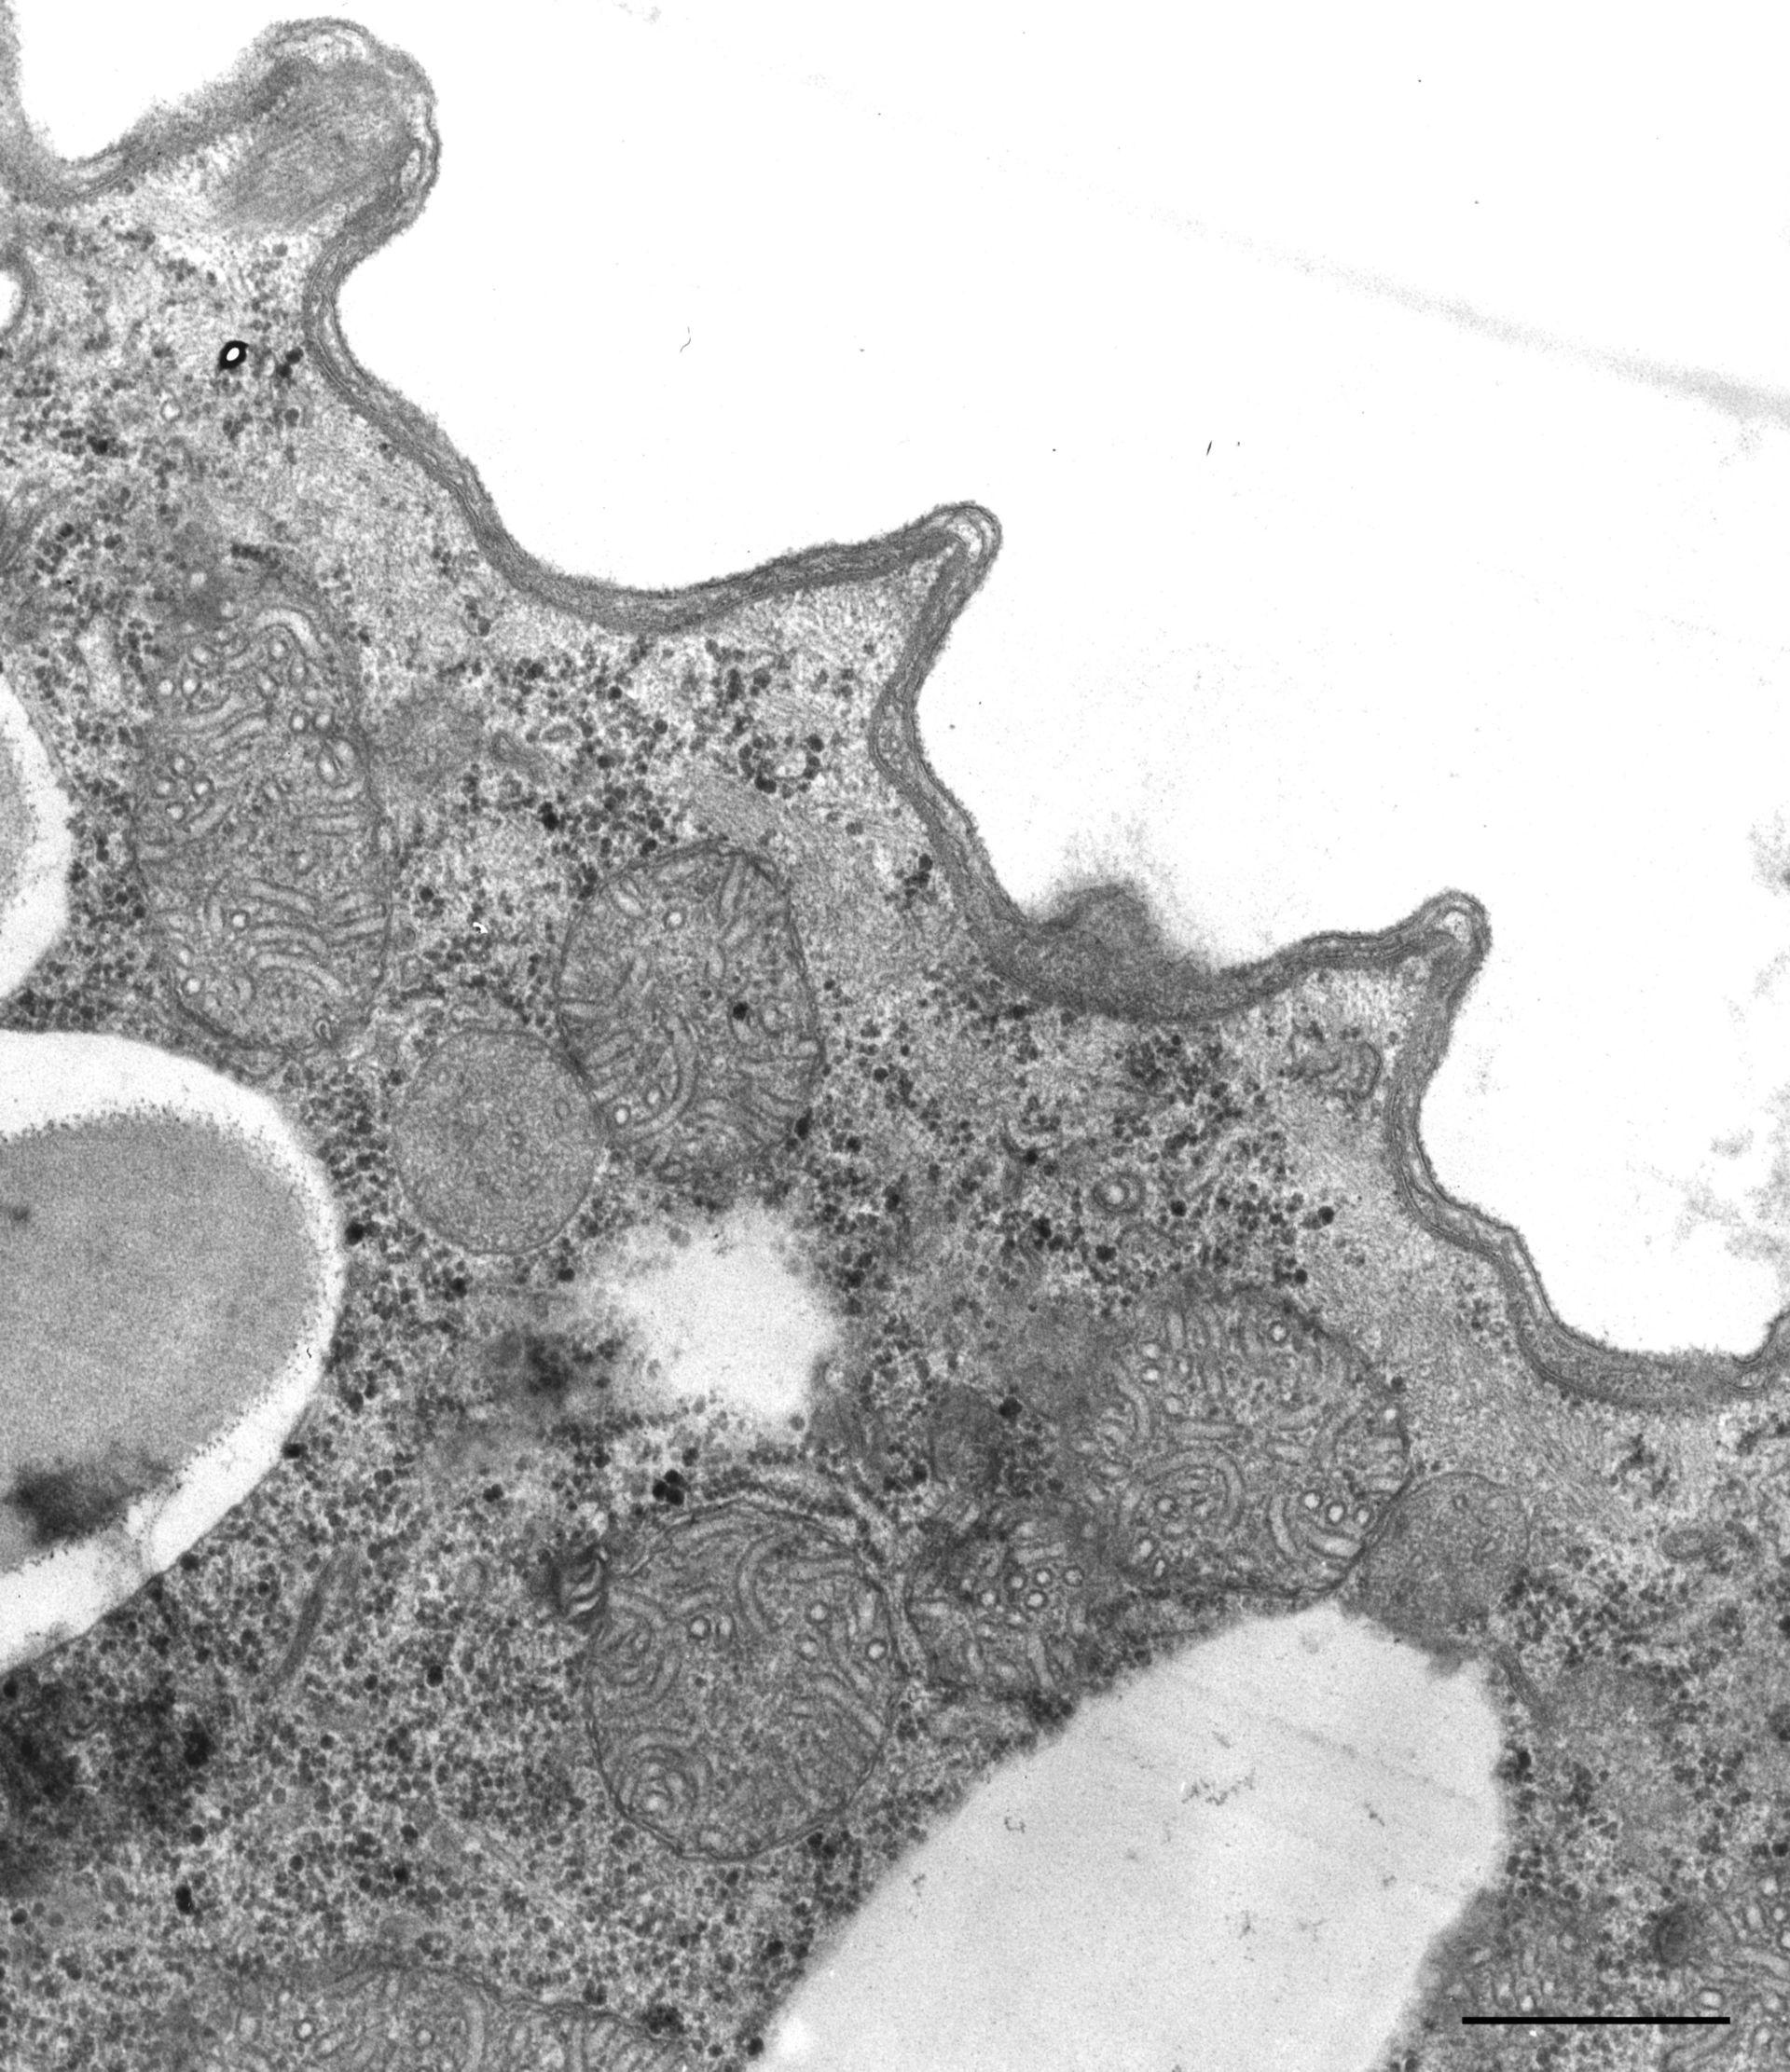 Paramecium caudatum (Cell cortex) - CIL:36759